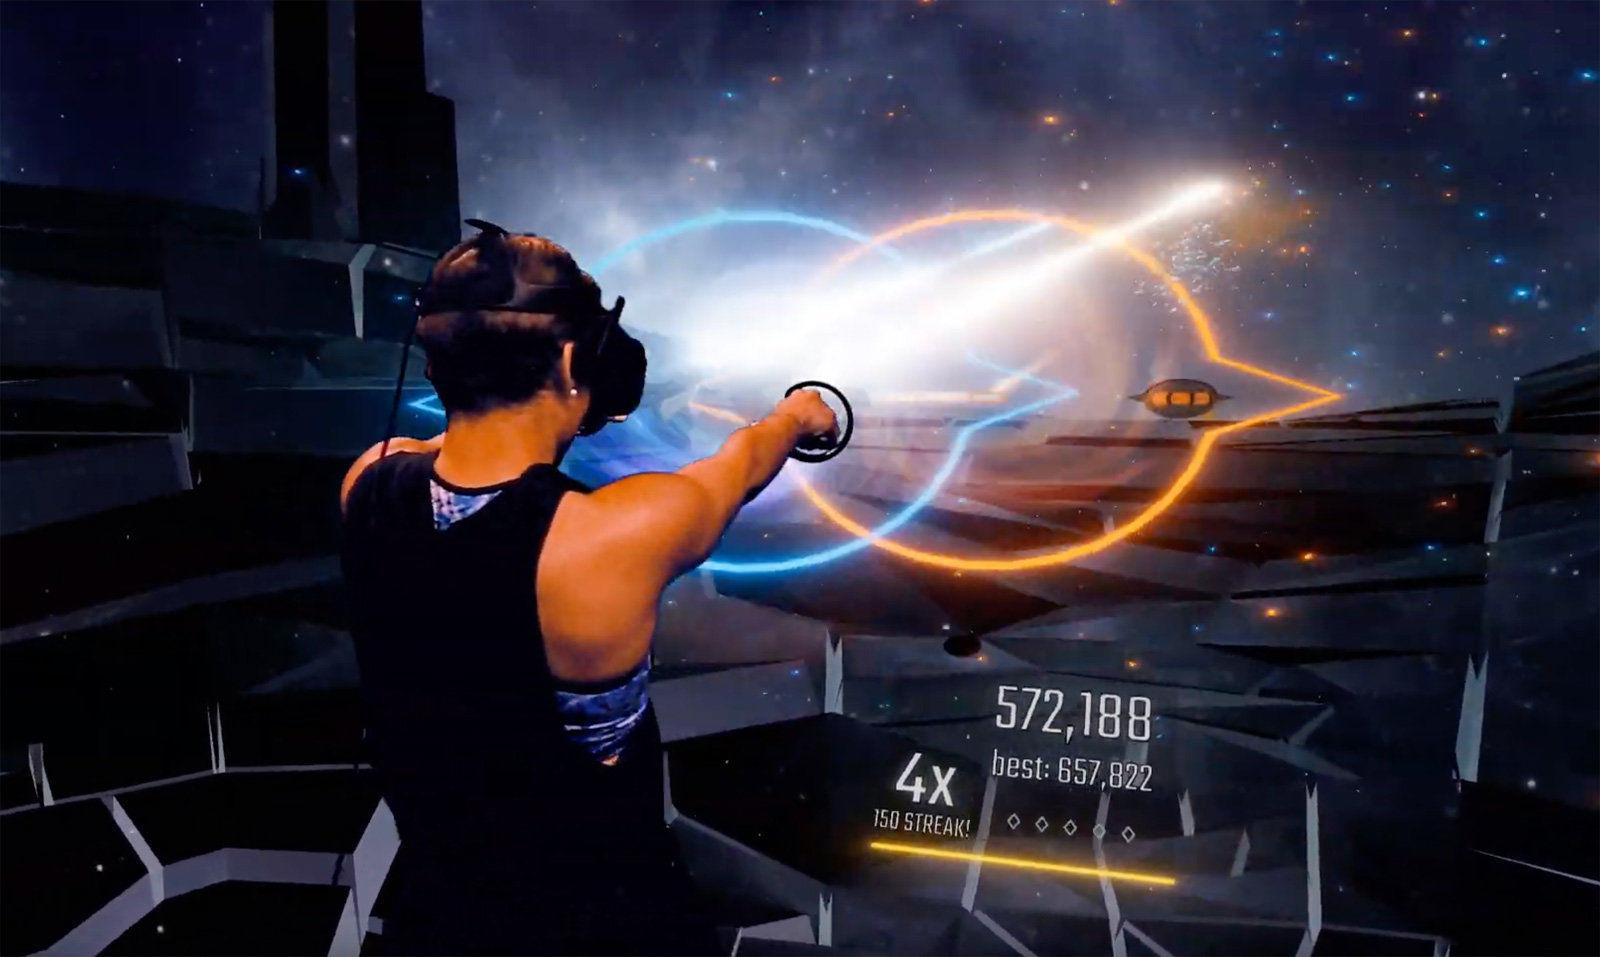 新VR游戏《Audica》发布 与《节奏光剑》互别苗头